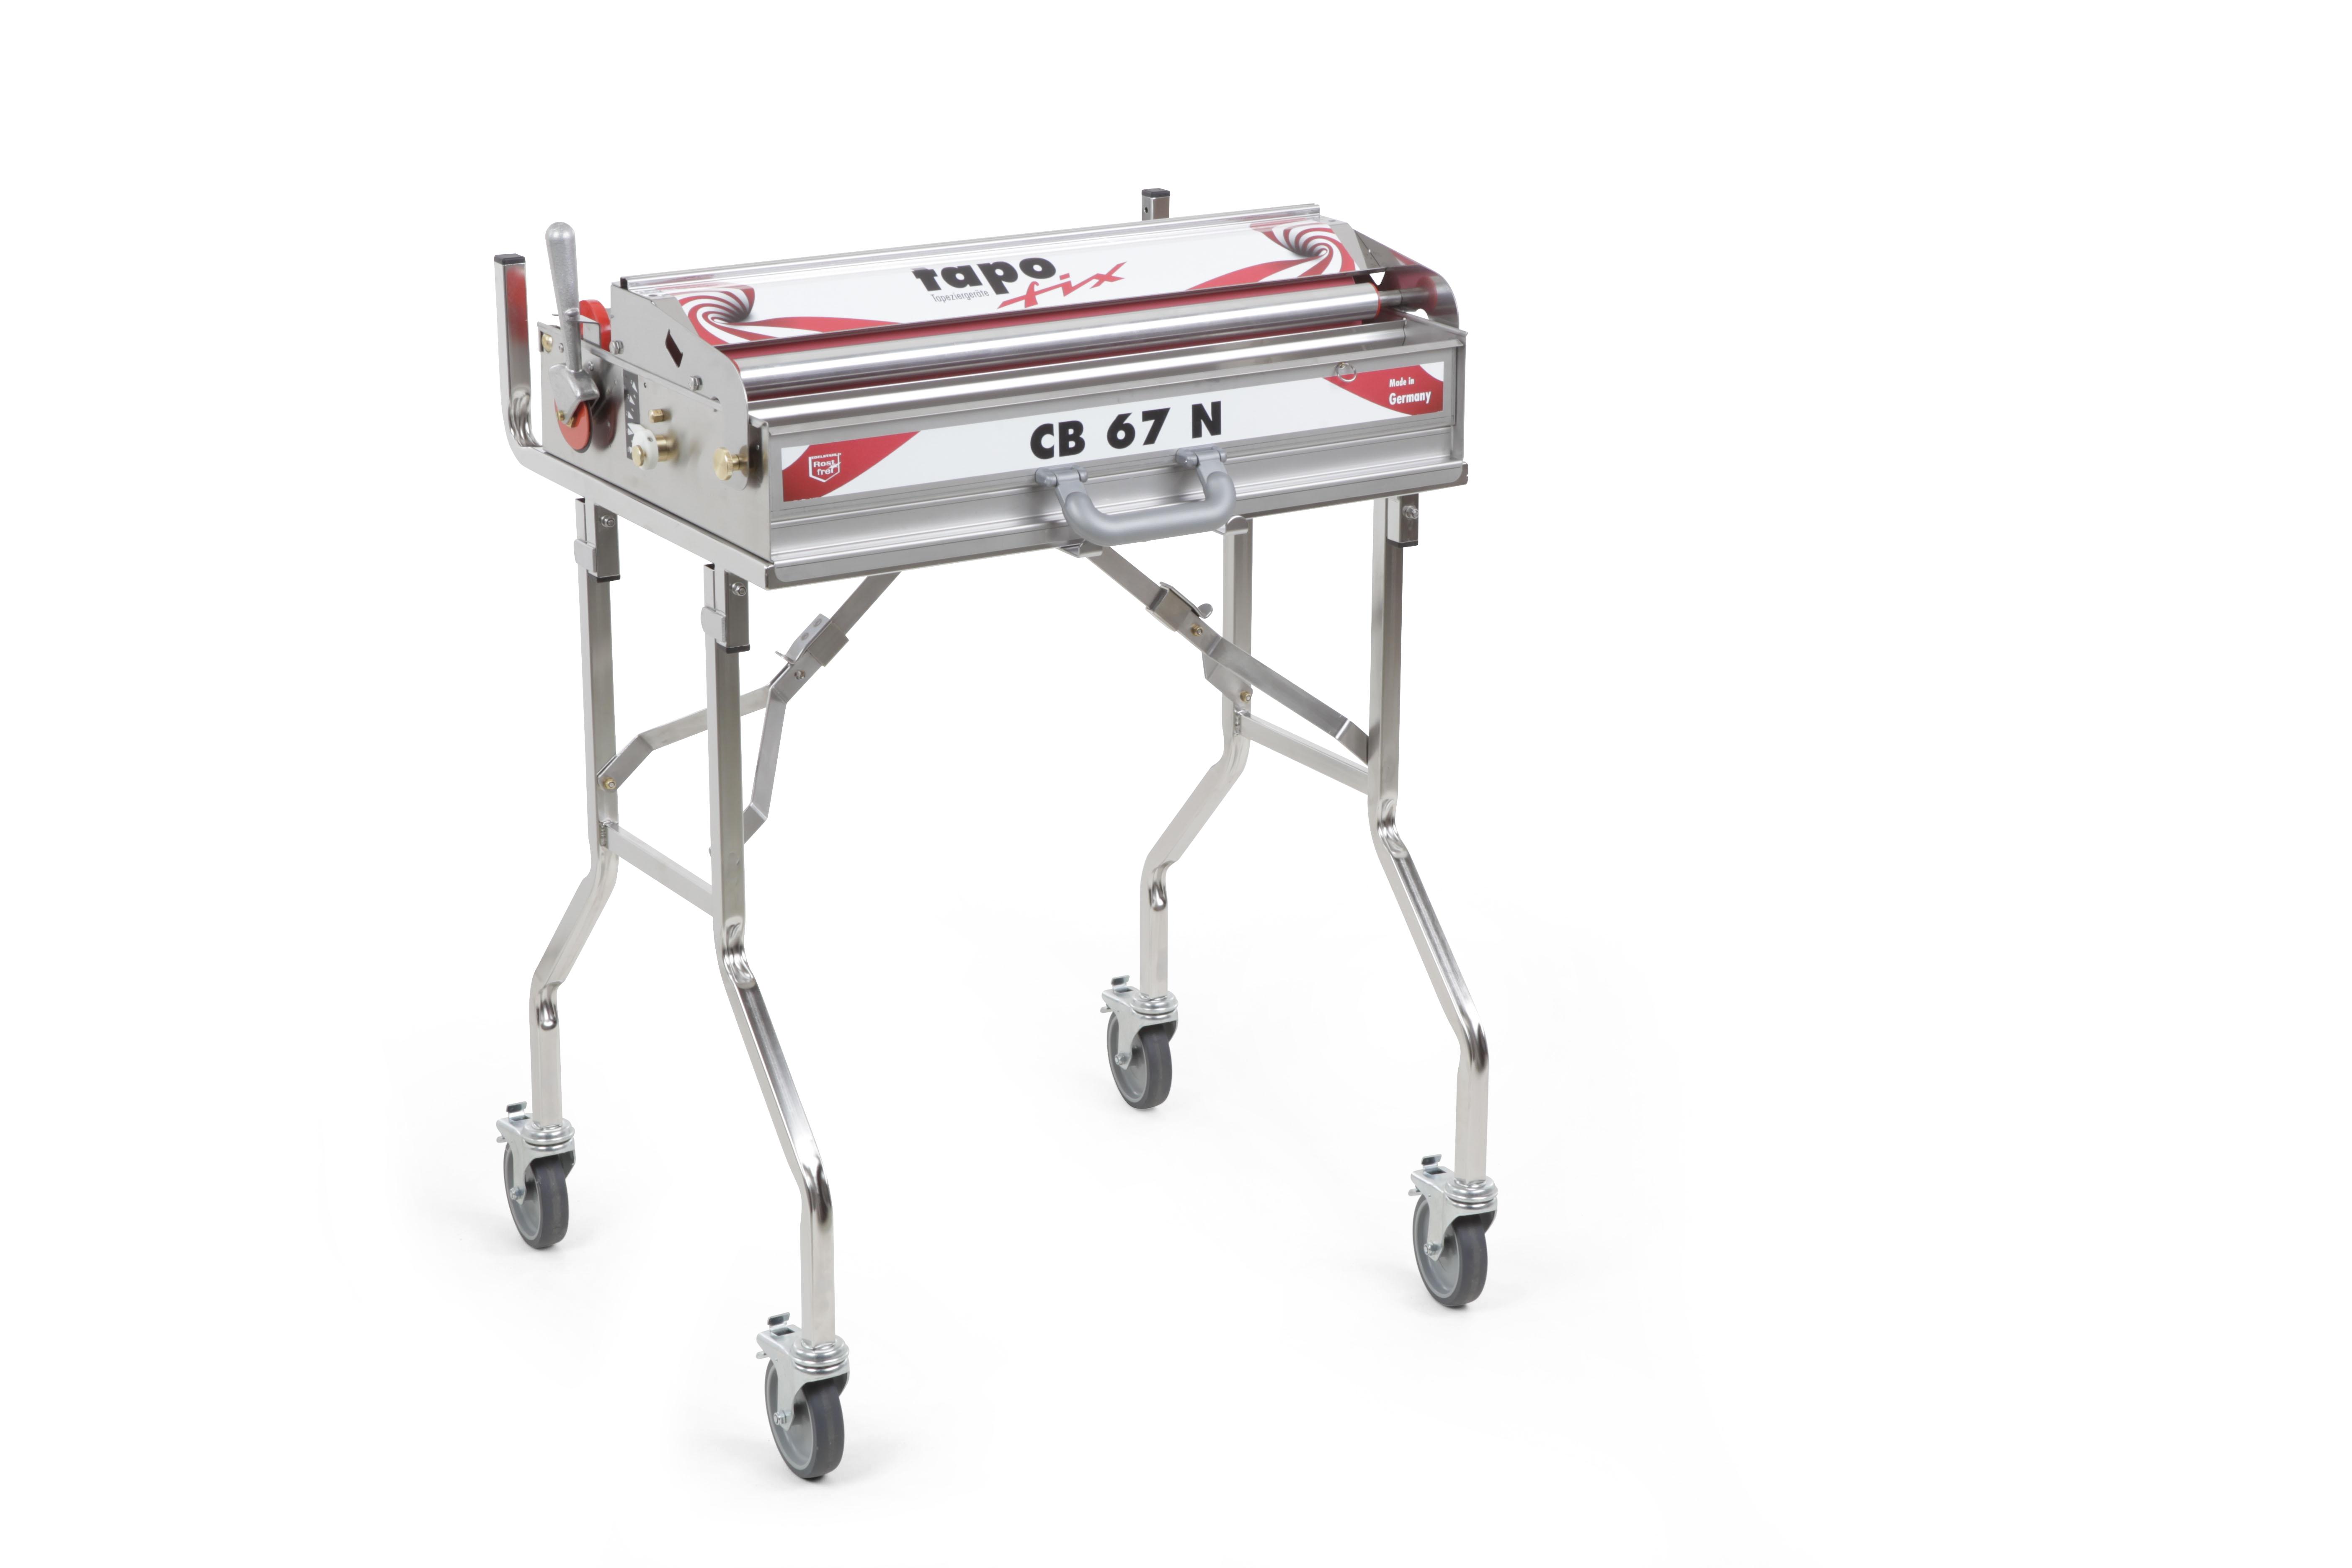 Tapofix Kofferset CB 67 N - Komplettset mit Tapeziergerät und Meterzähler